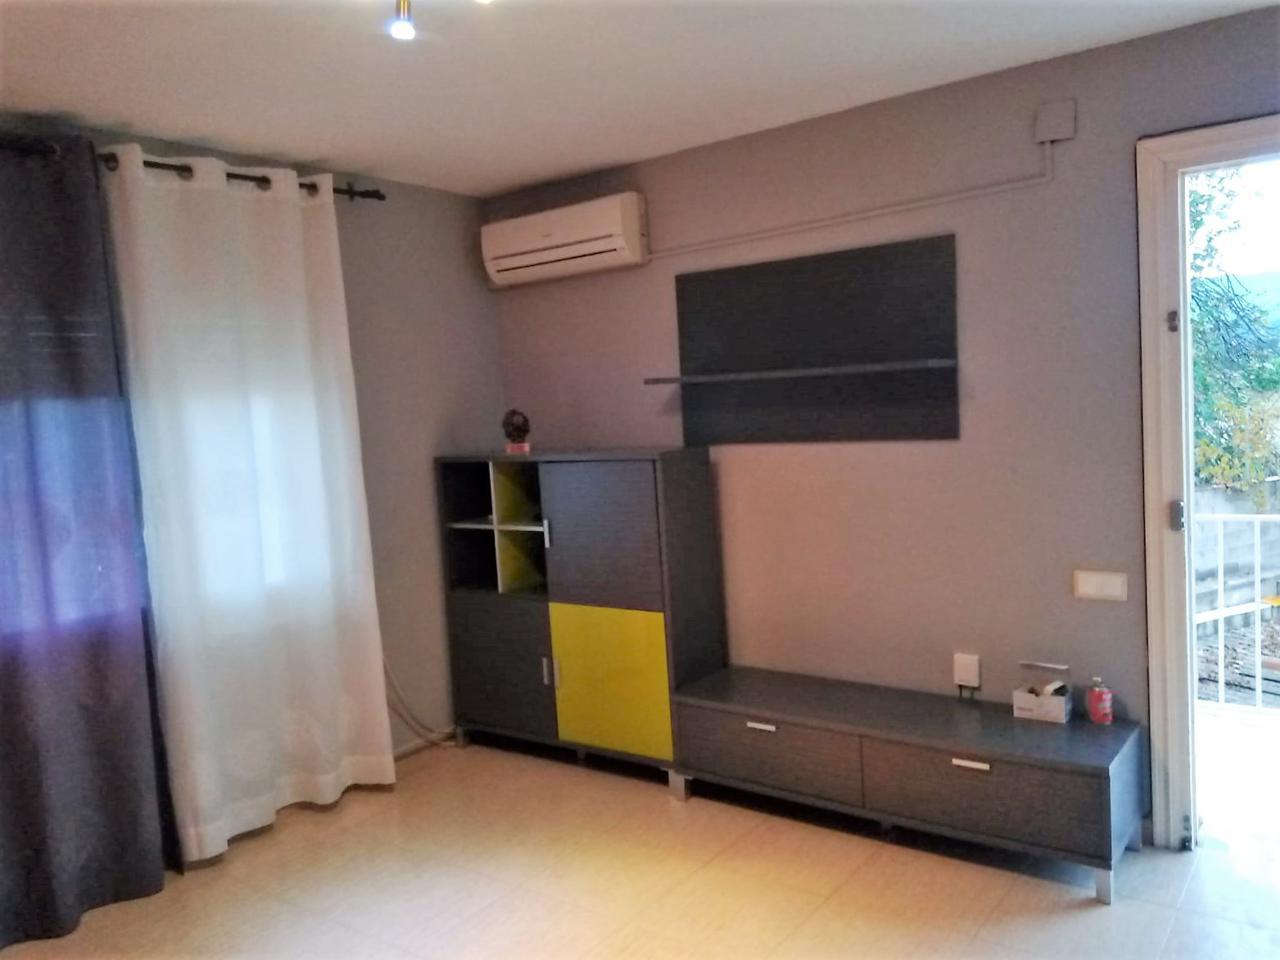 Rent Flat  Calle carrer freixa. Piso de 75 m2 aprox., con 3 habitaciones y 1 baño completo con d